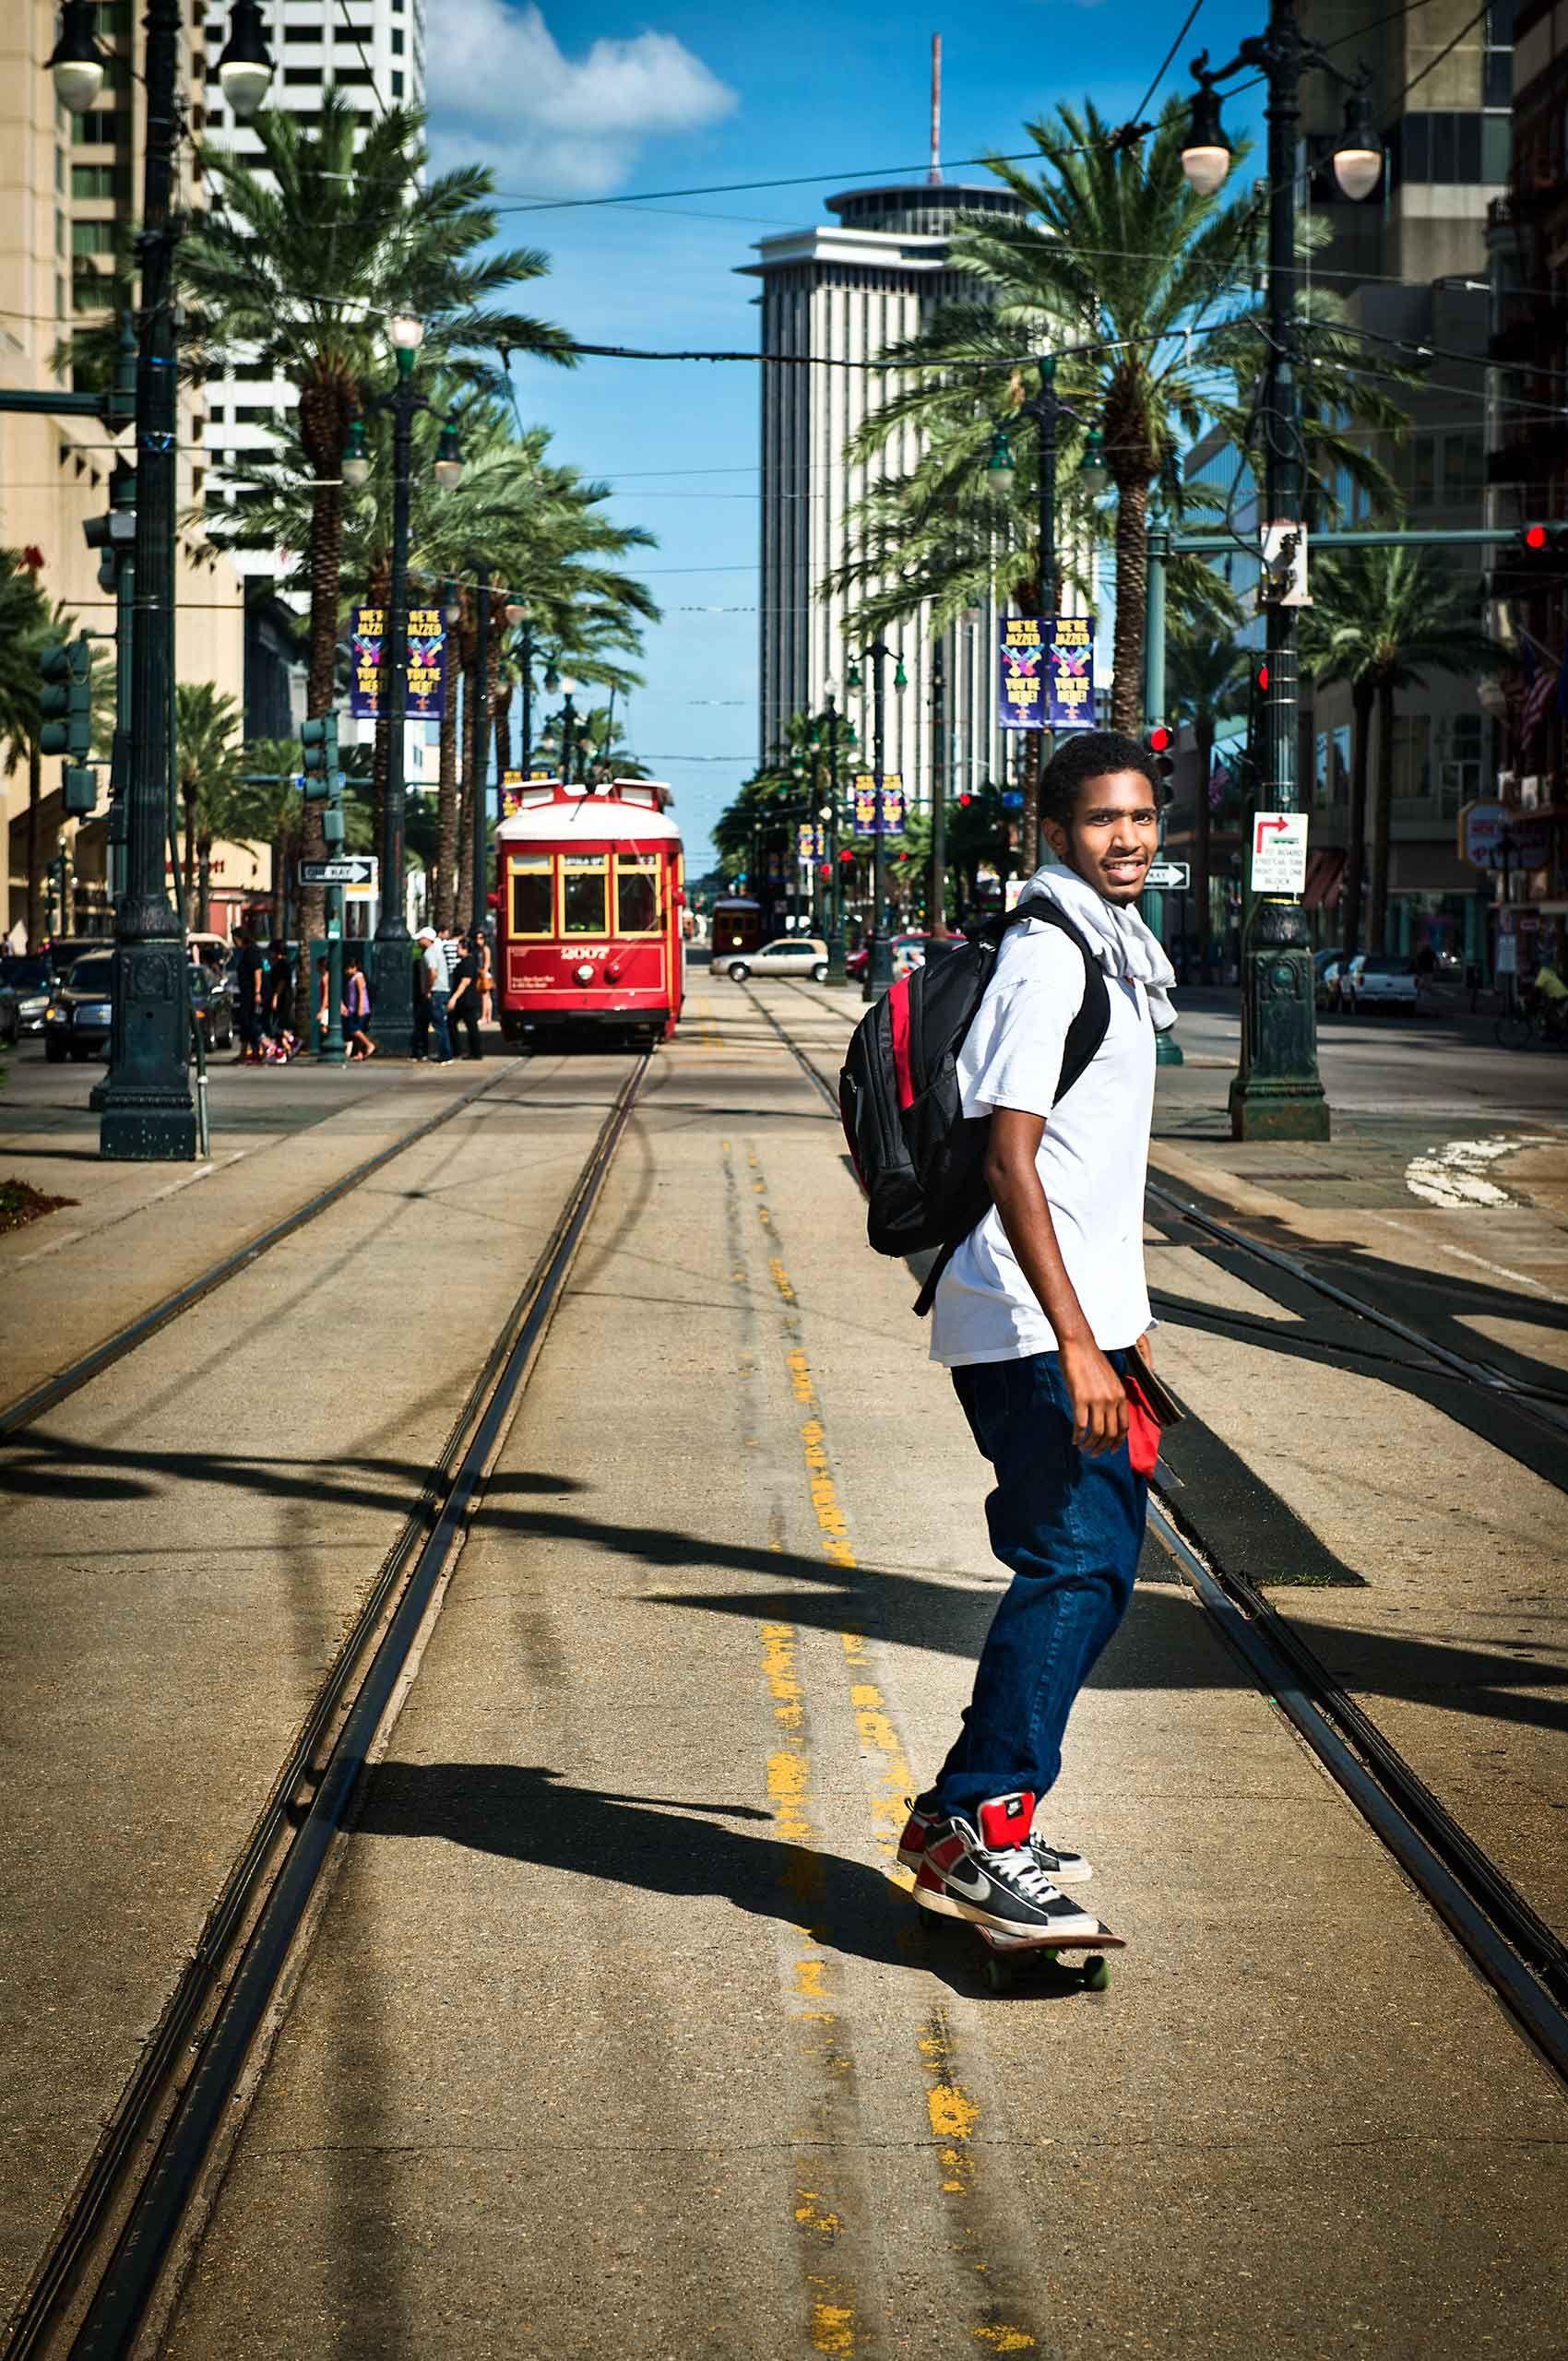 skateboardingyouth-neworleans-by-HenrikOlundPhotography.jpg